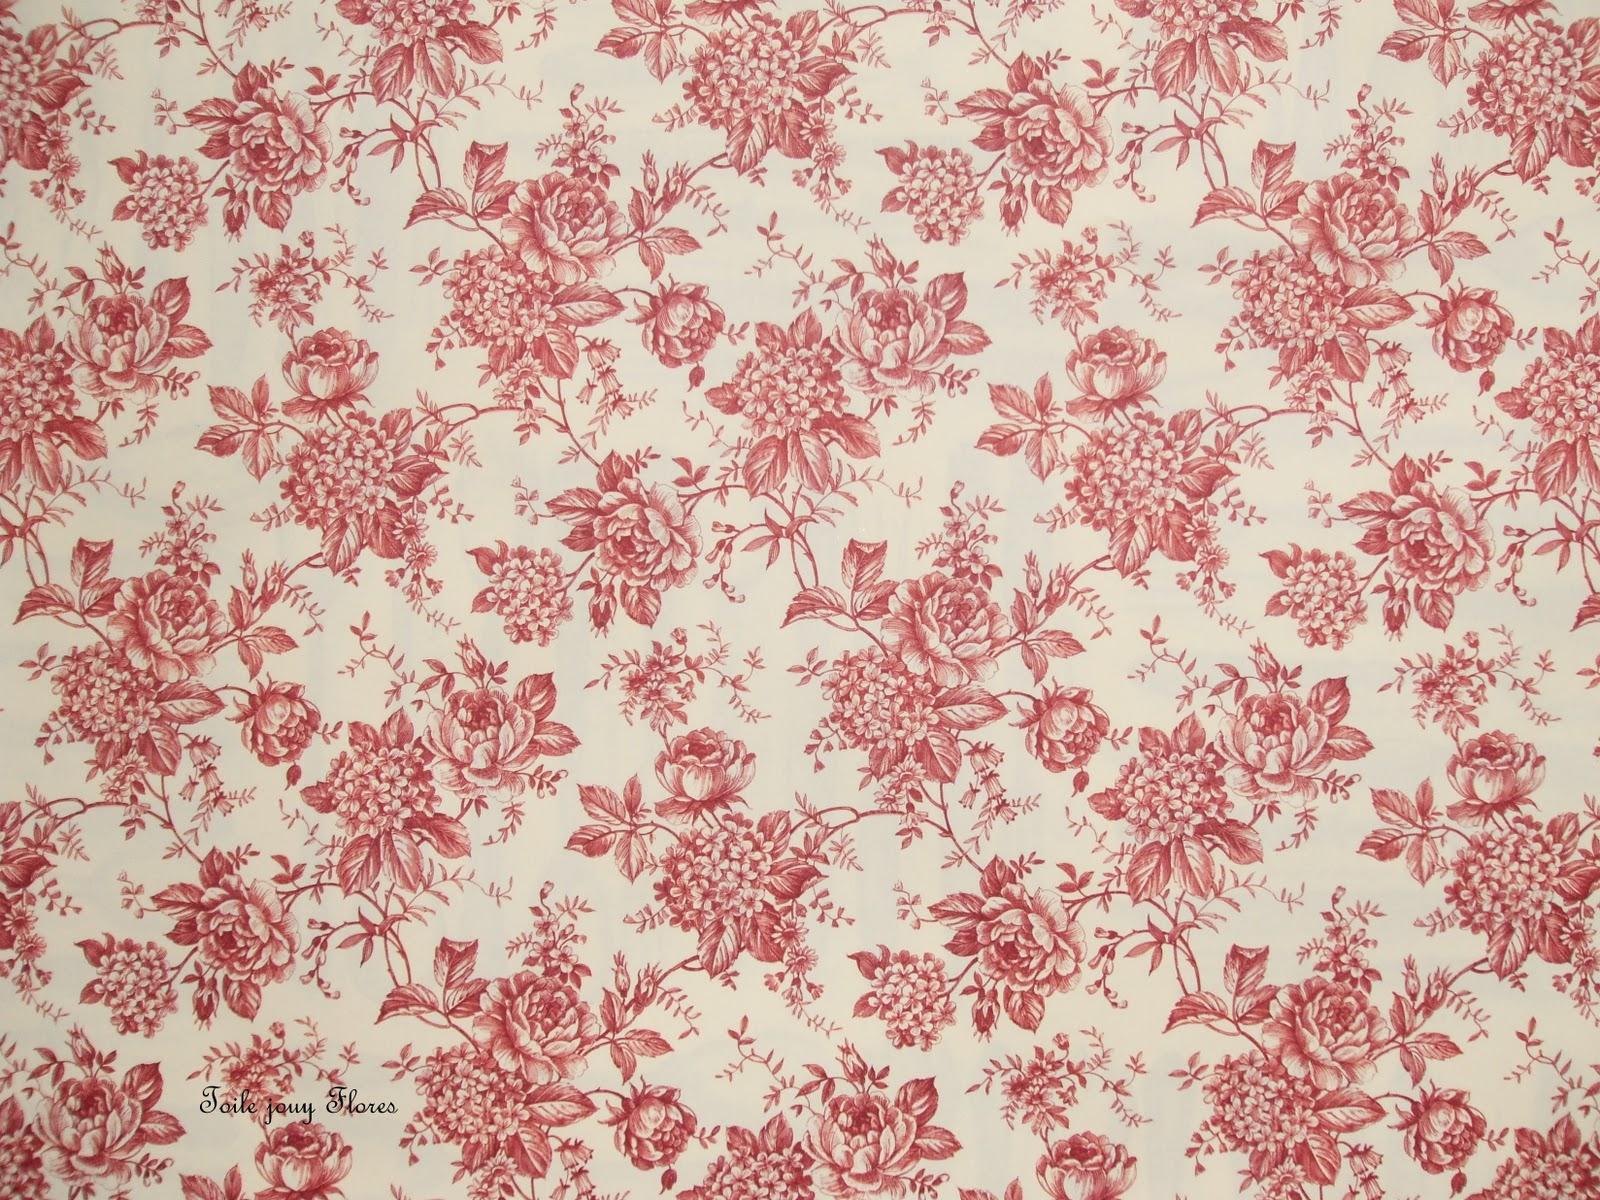 Toile De Jouy Bettwäsche 100 Cotton Toile De Jouy Linen Muslin